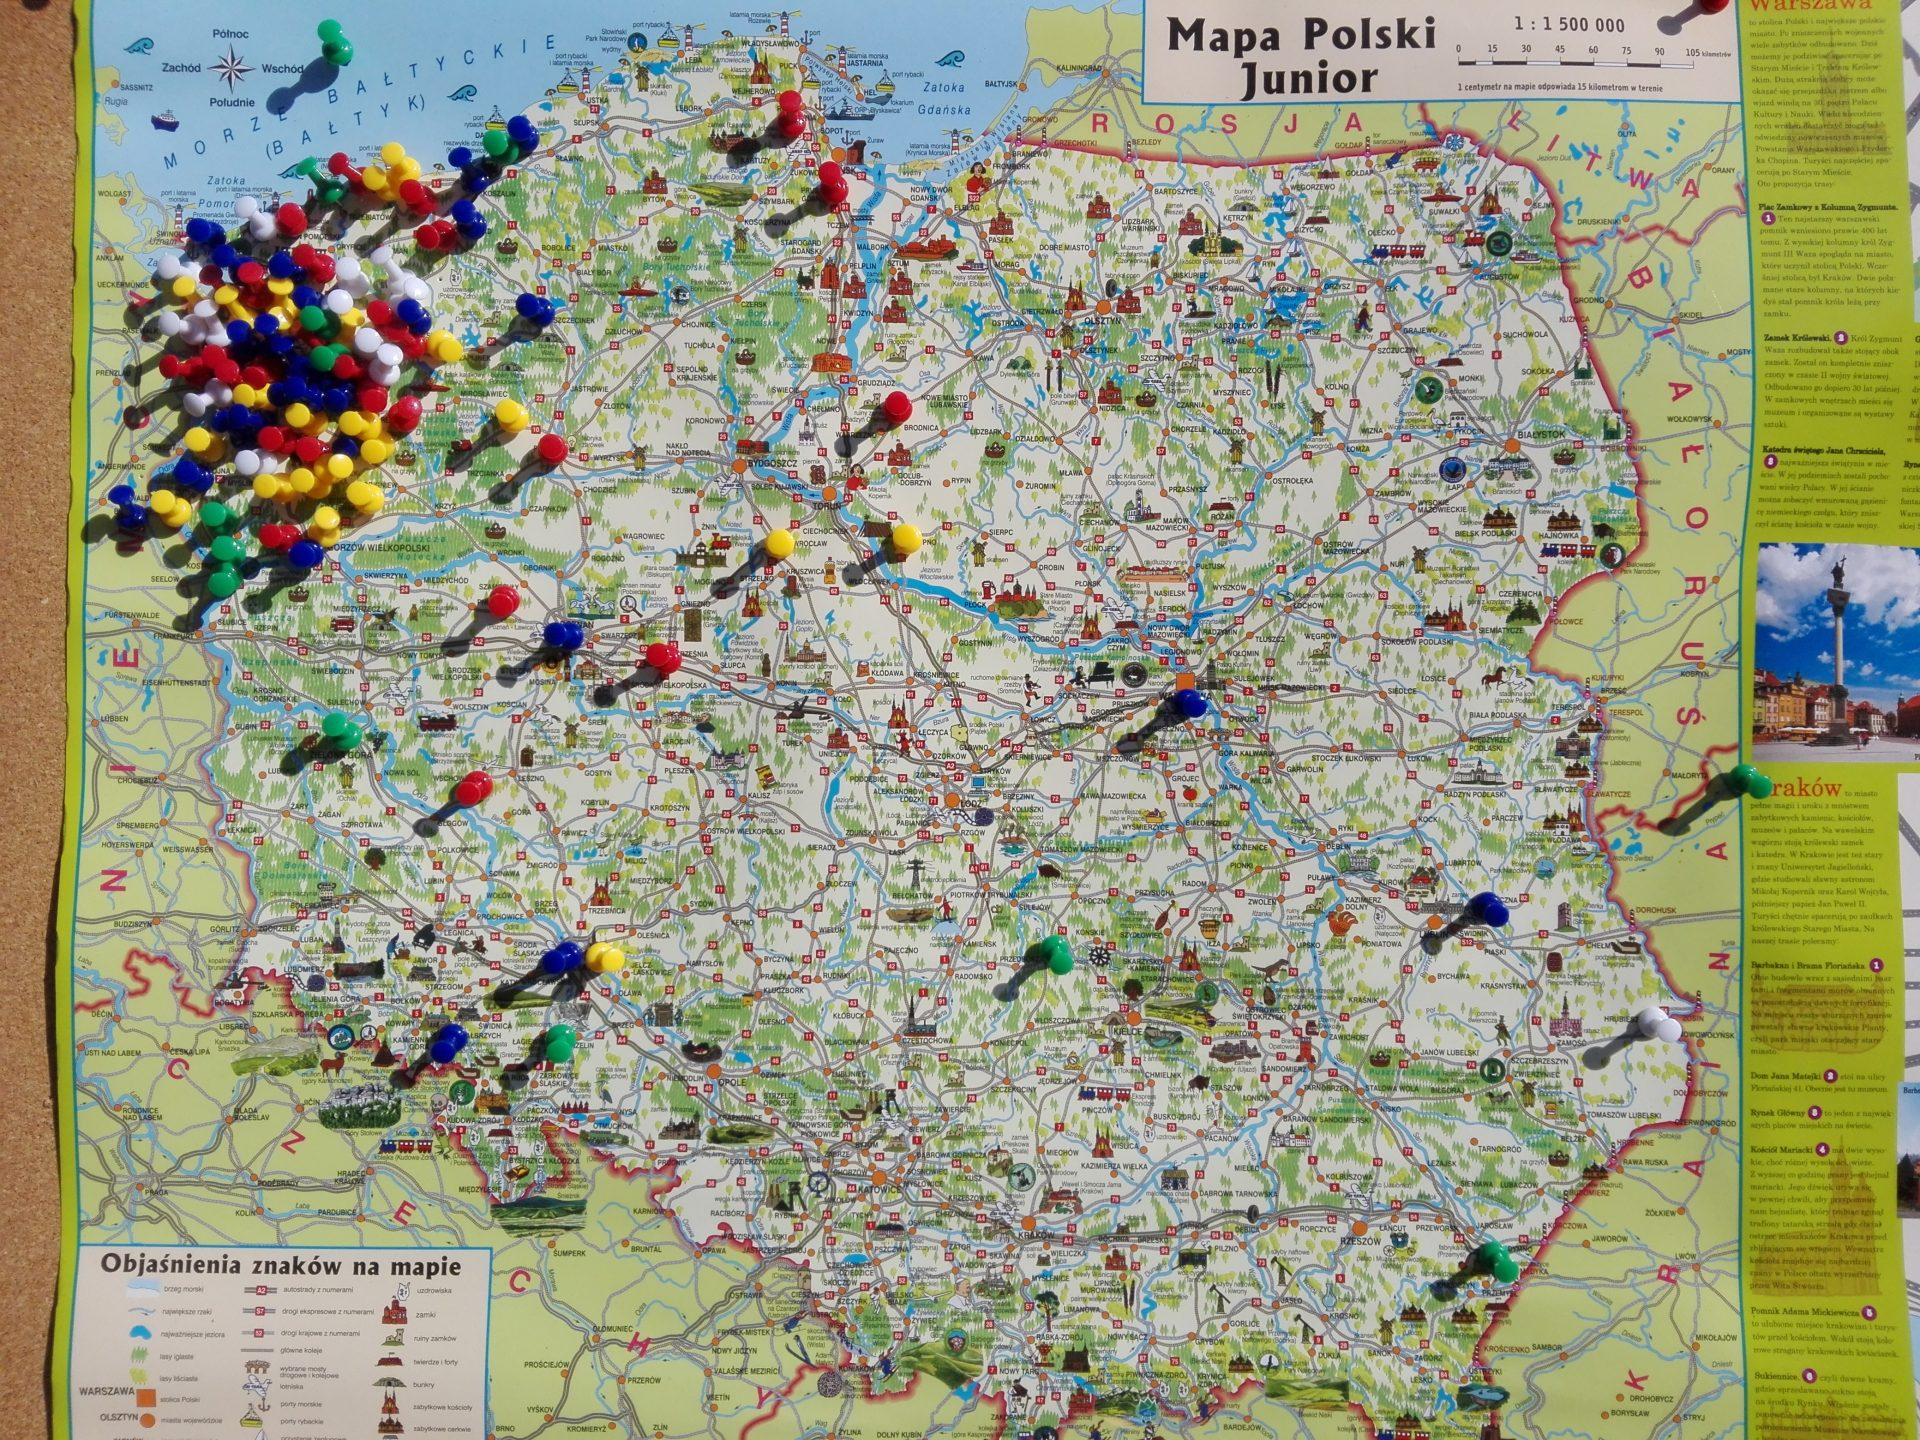 infoludek.pl